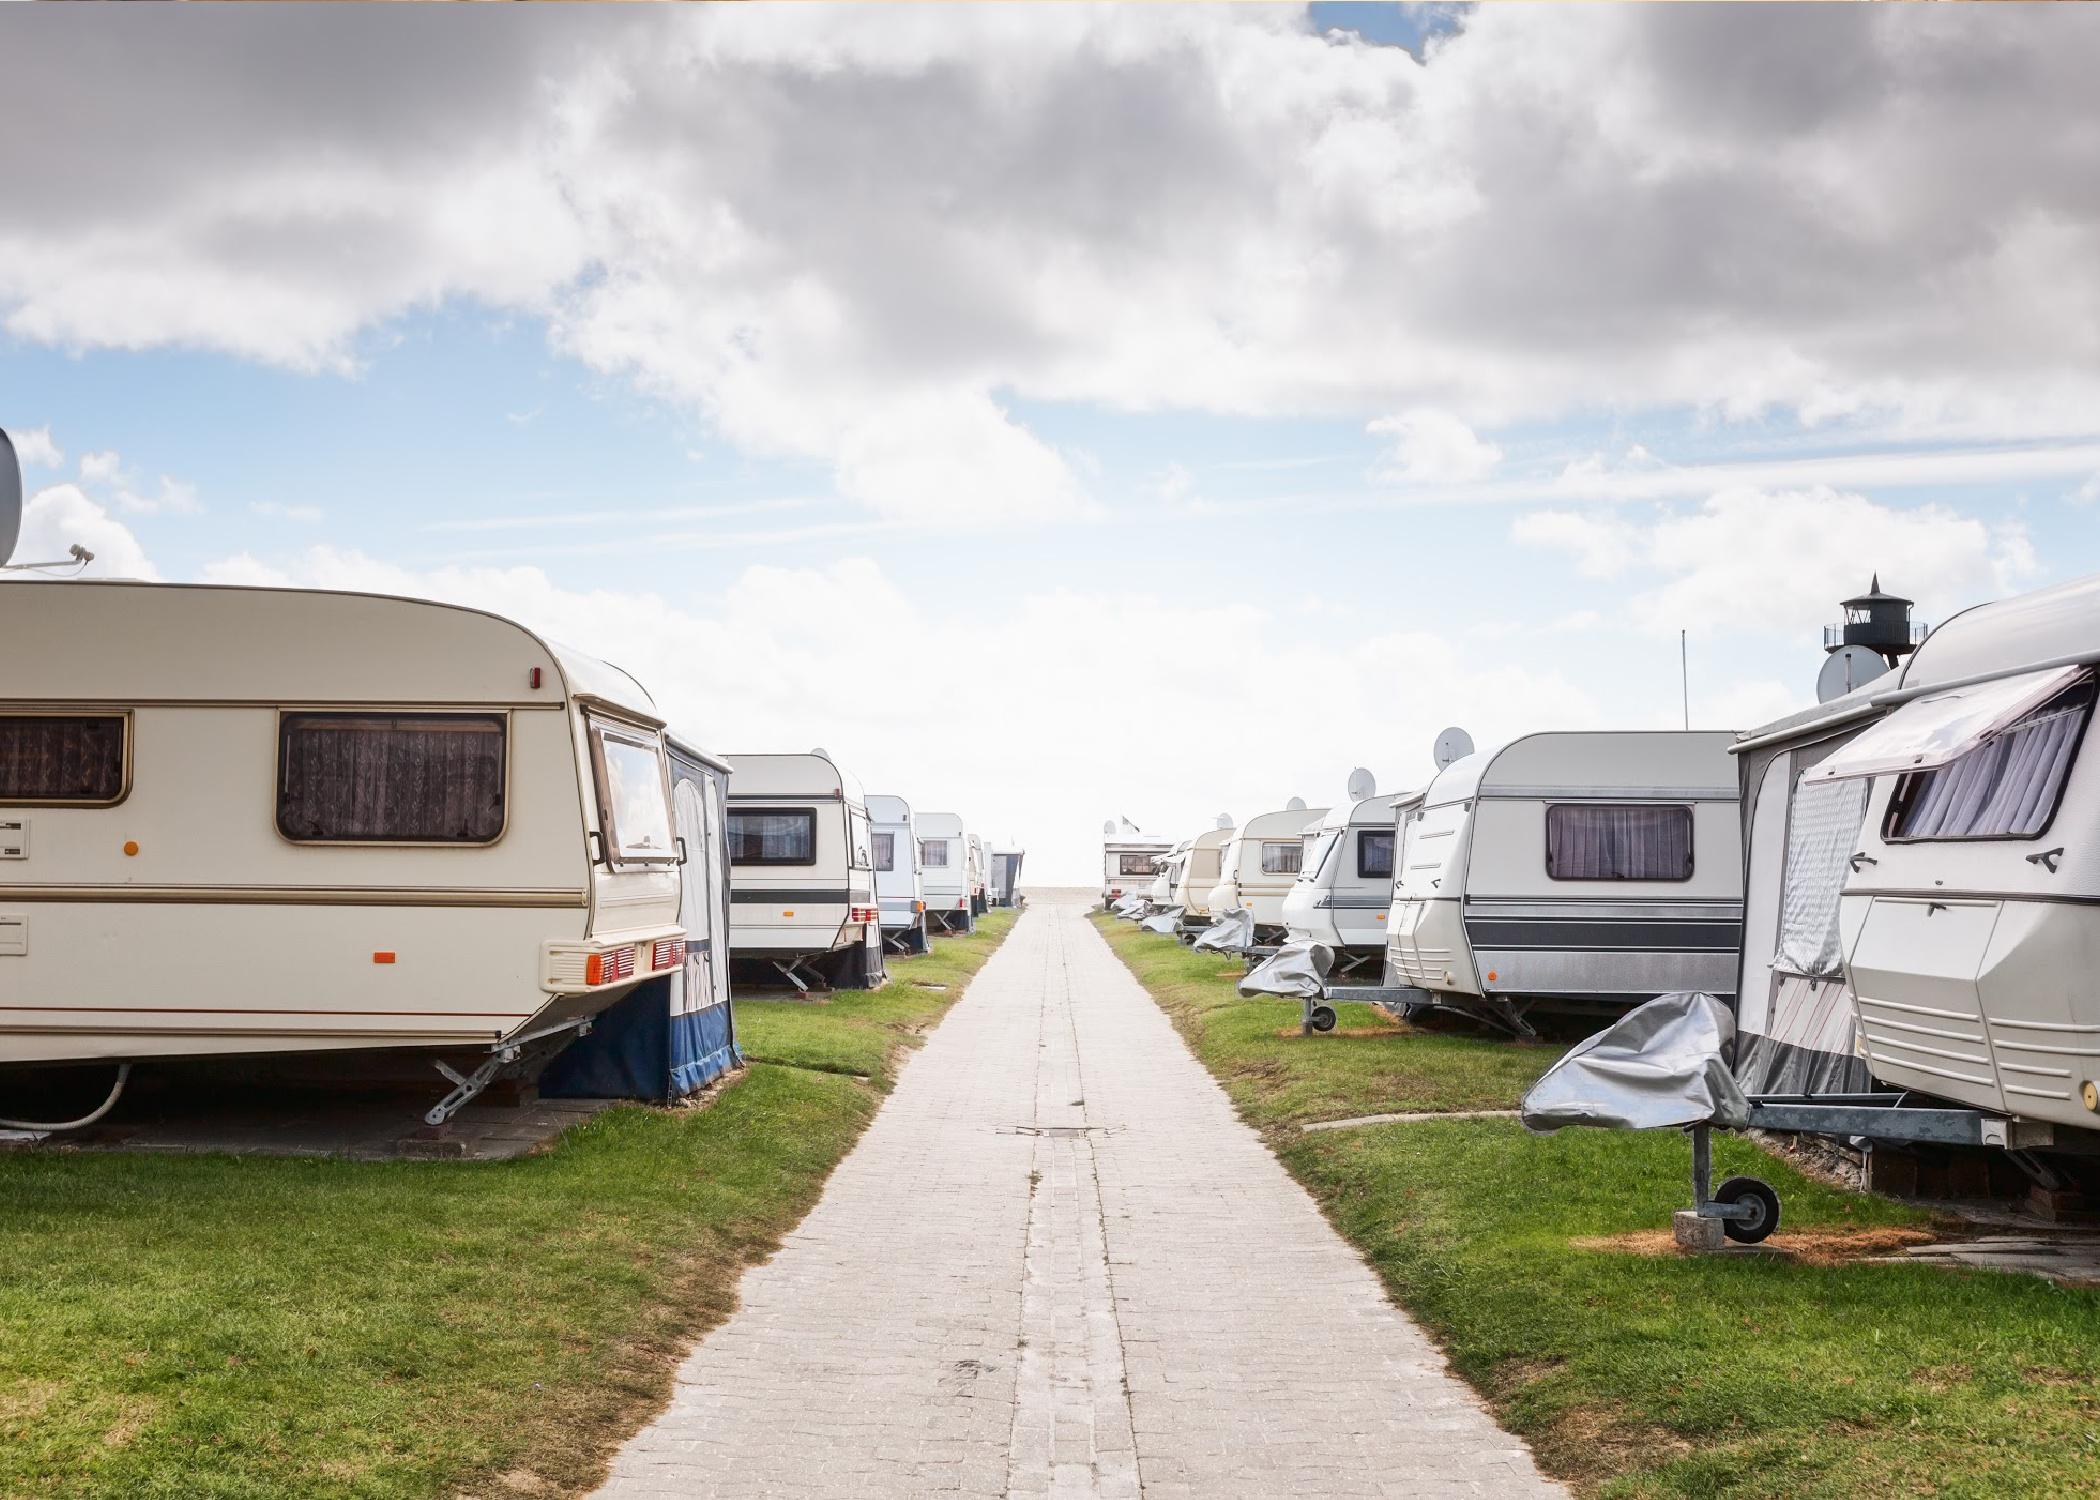 Kde můžete zaparkovat karavan?